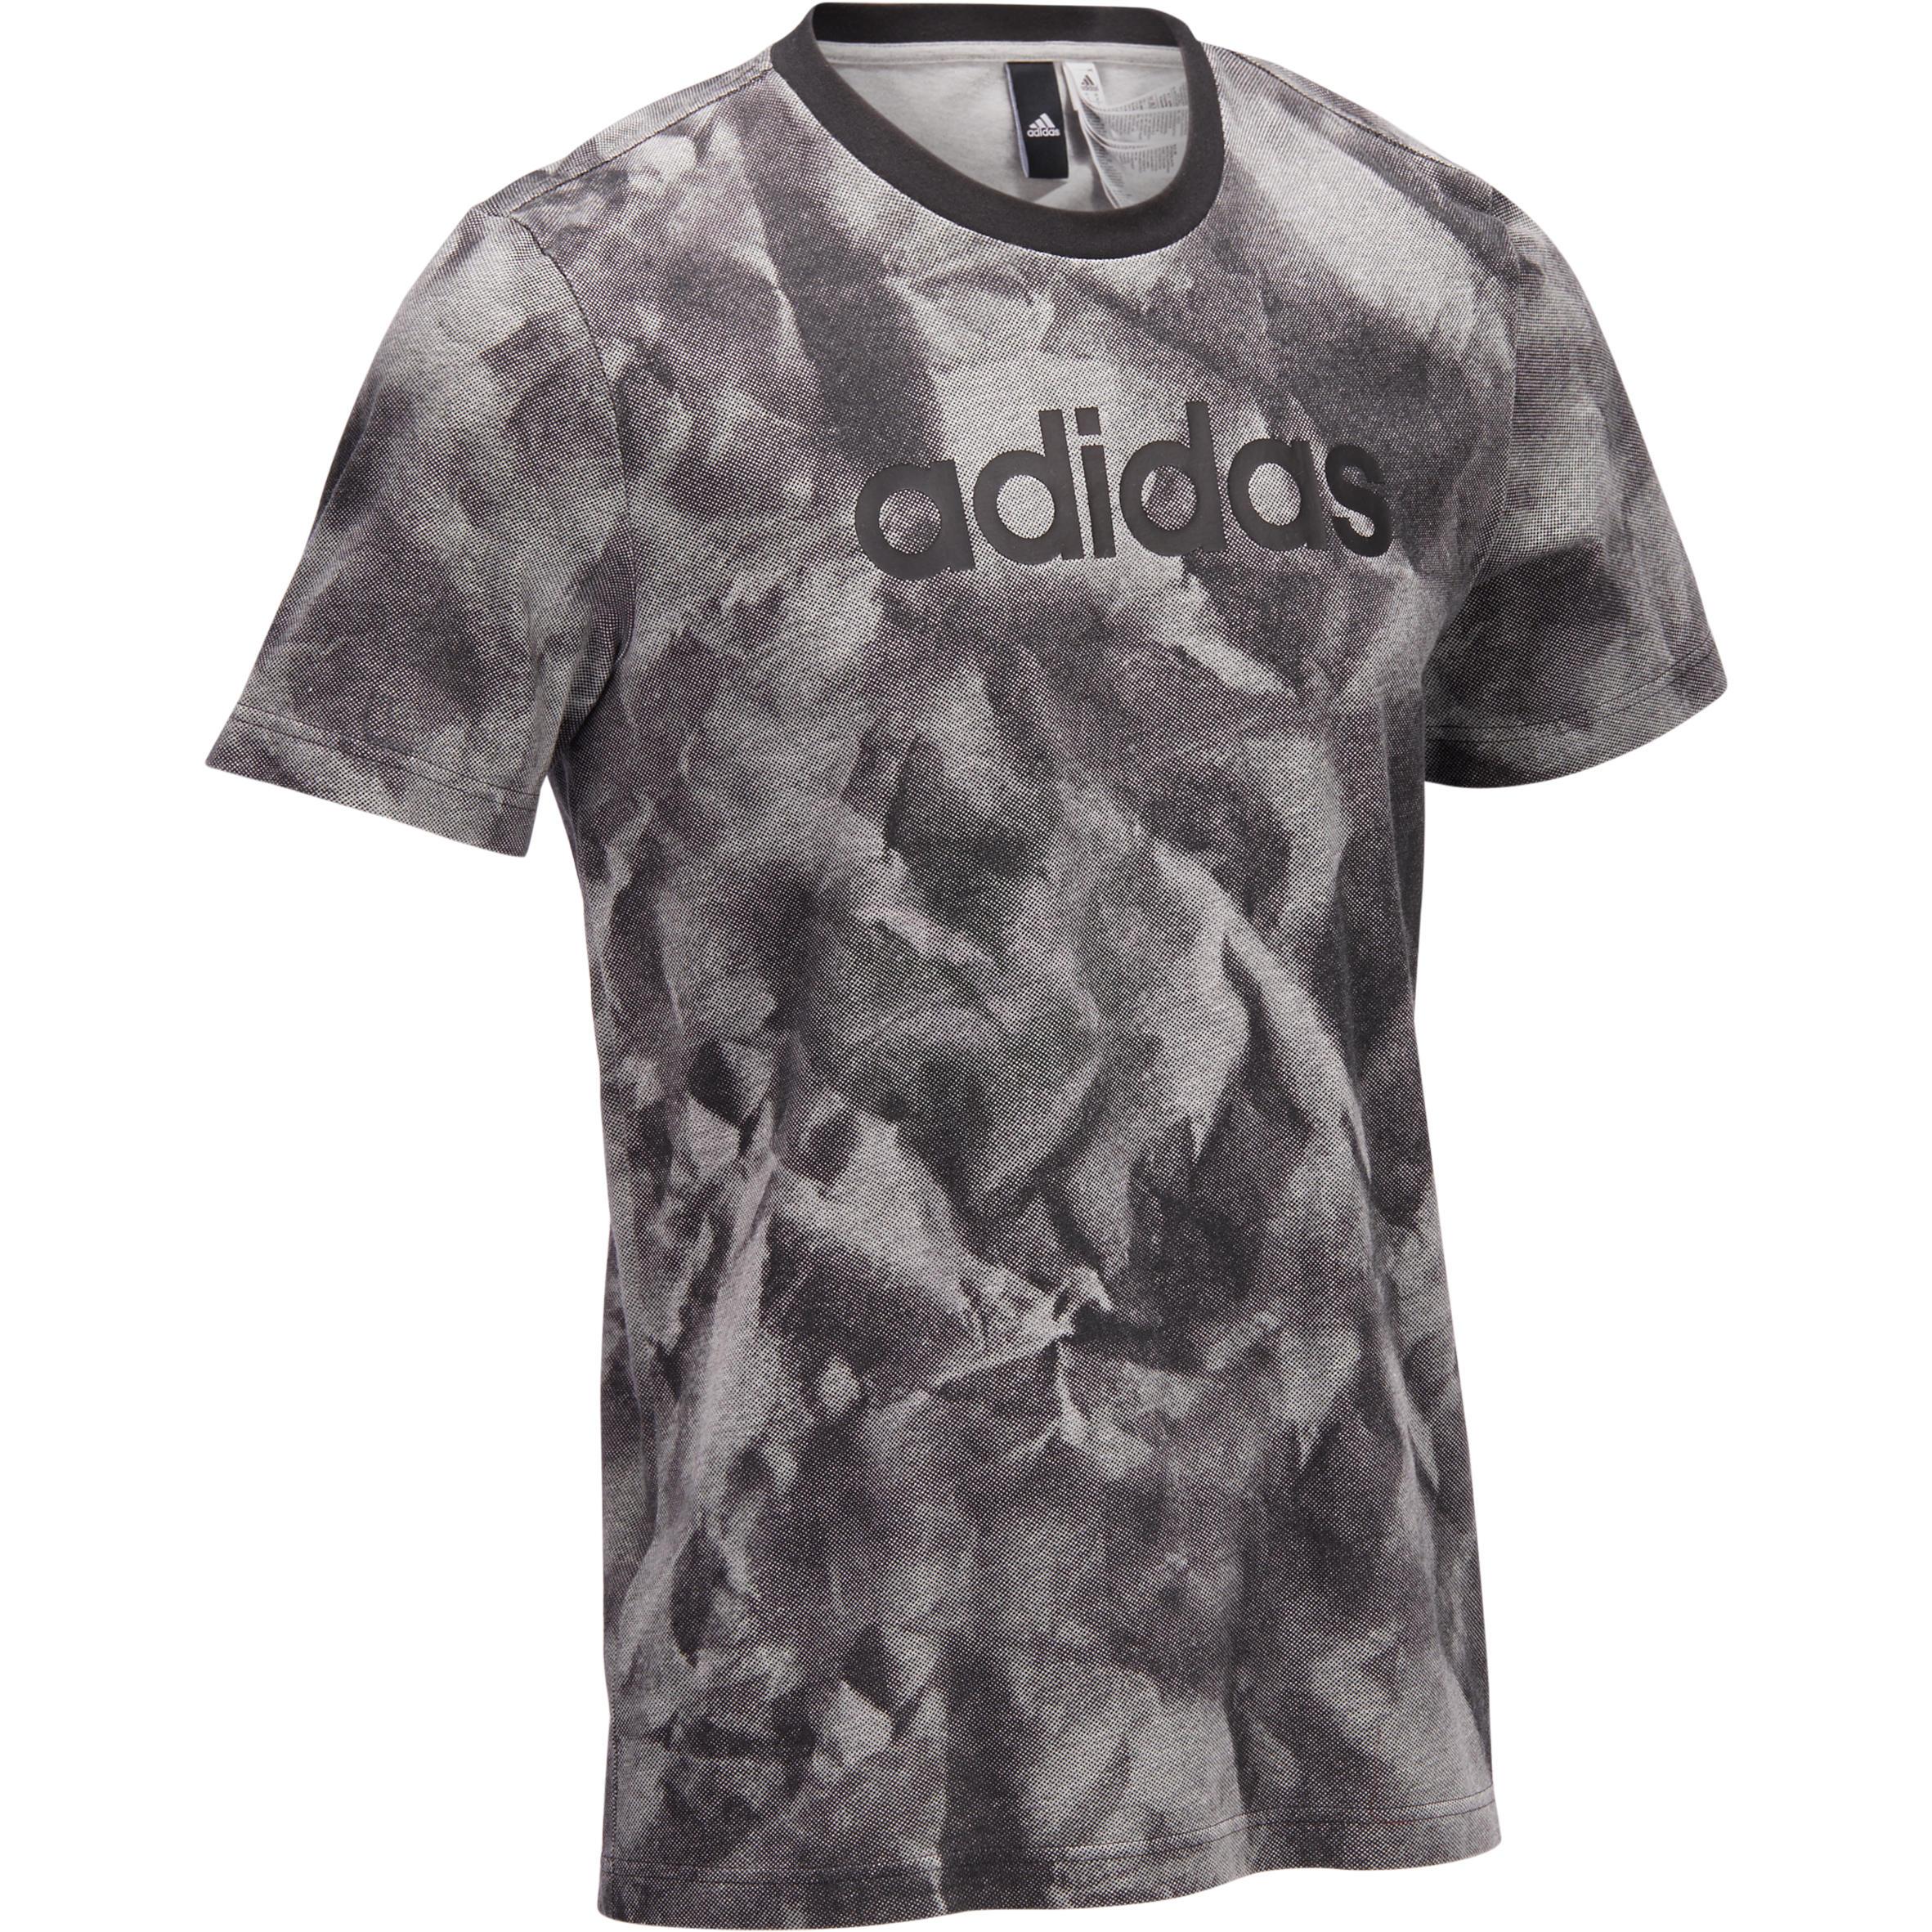 Adidas Heren T-shirt Adidas voor gym en pilates met print